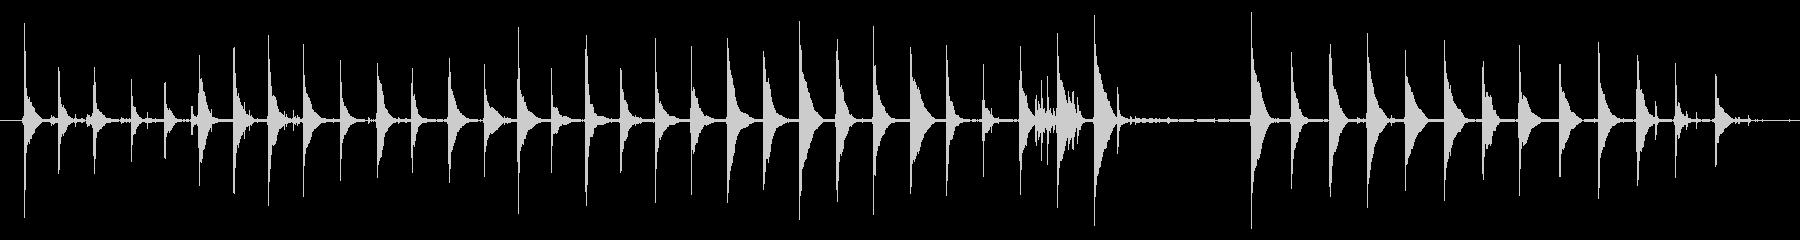 空気圧ハンマー1の未再生の波形